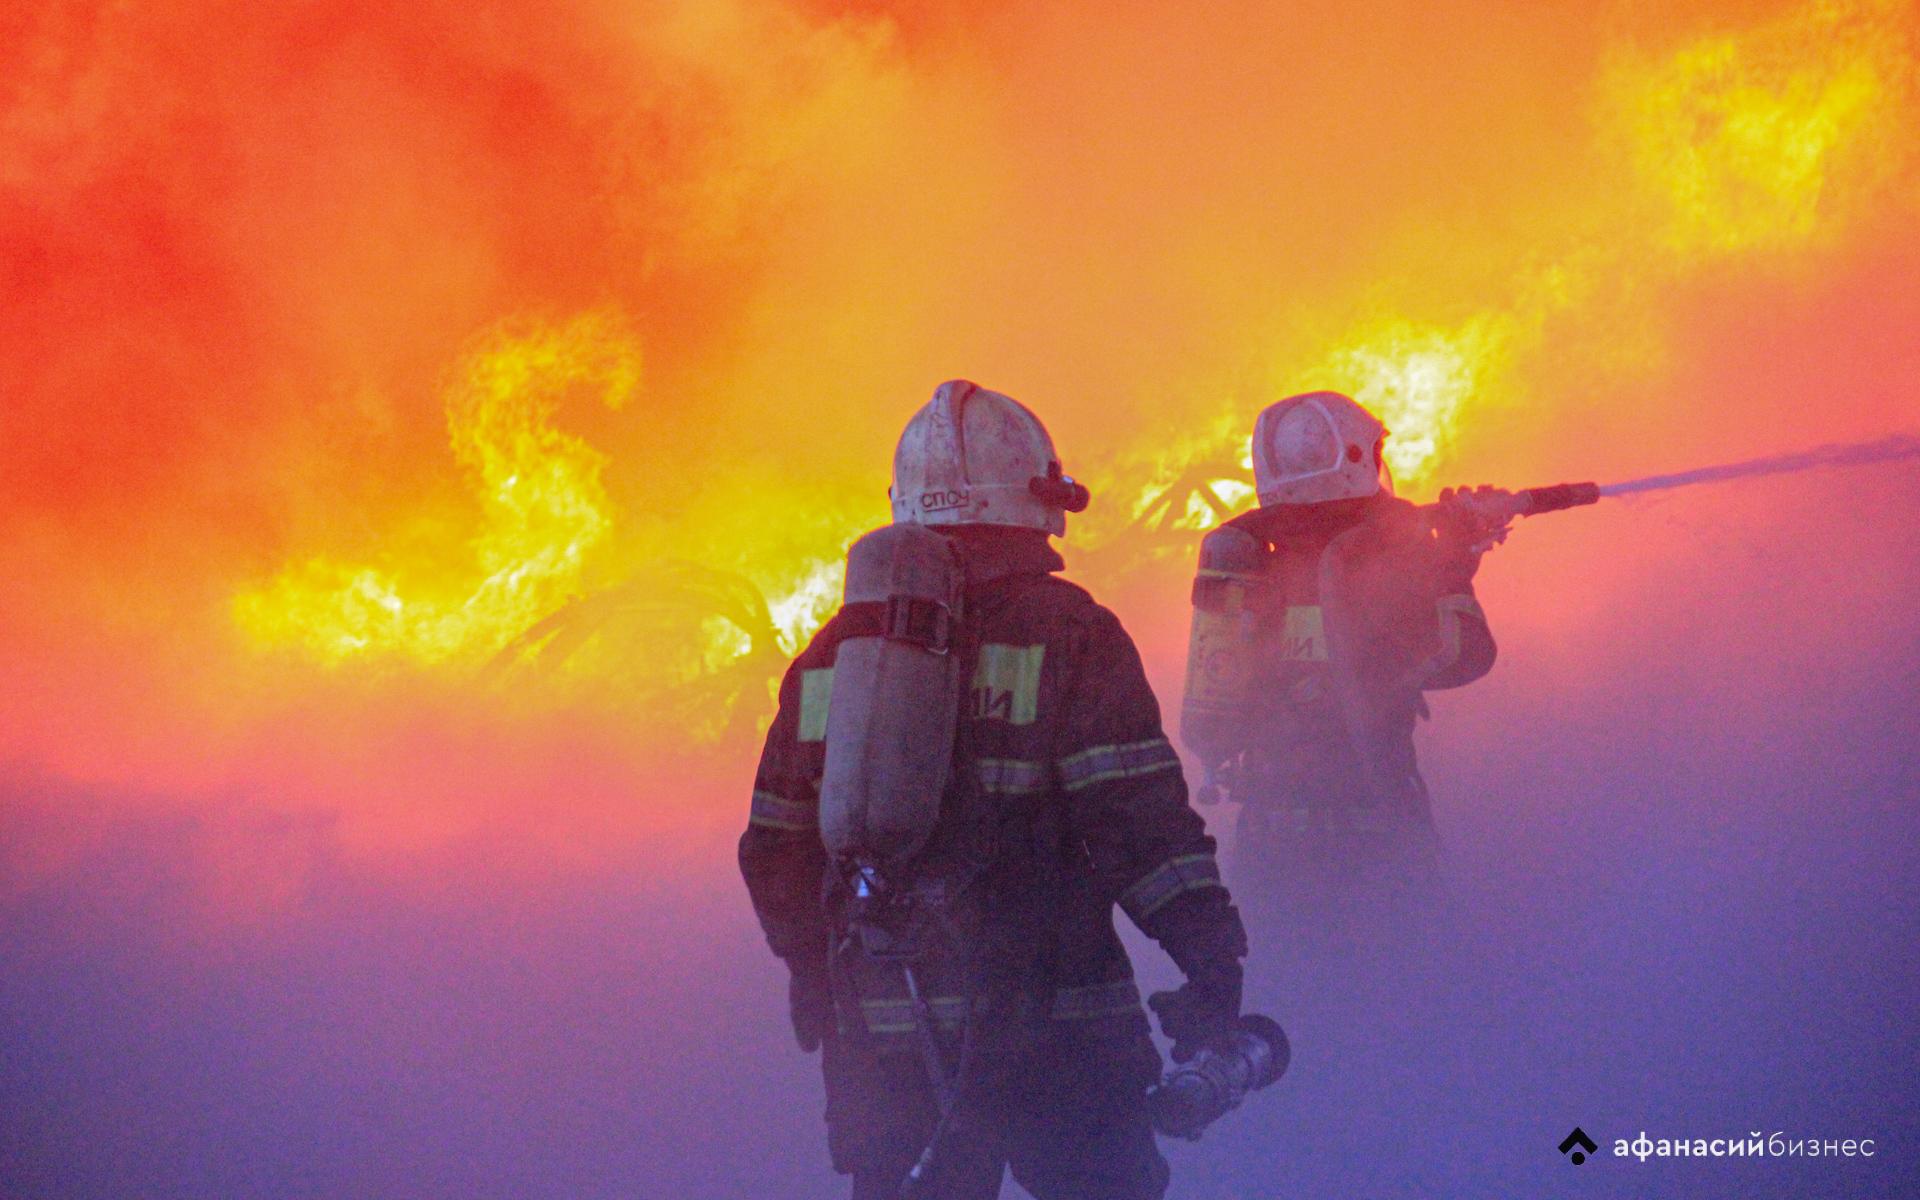 В Тверской области в сгоревшей квартире нашли тело мужчины - новости Афанасий